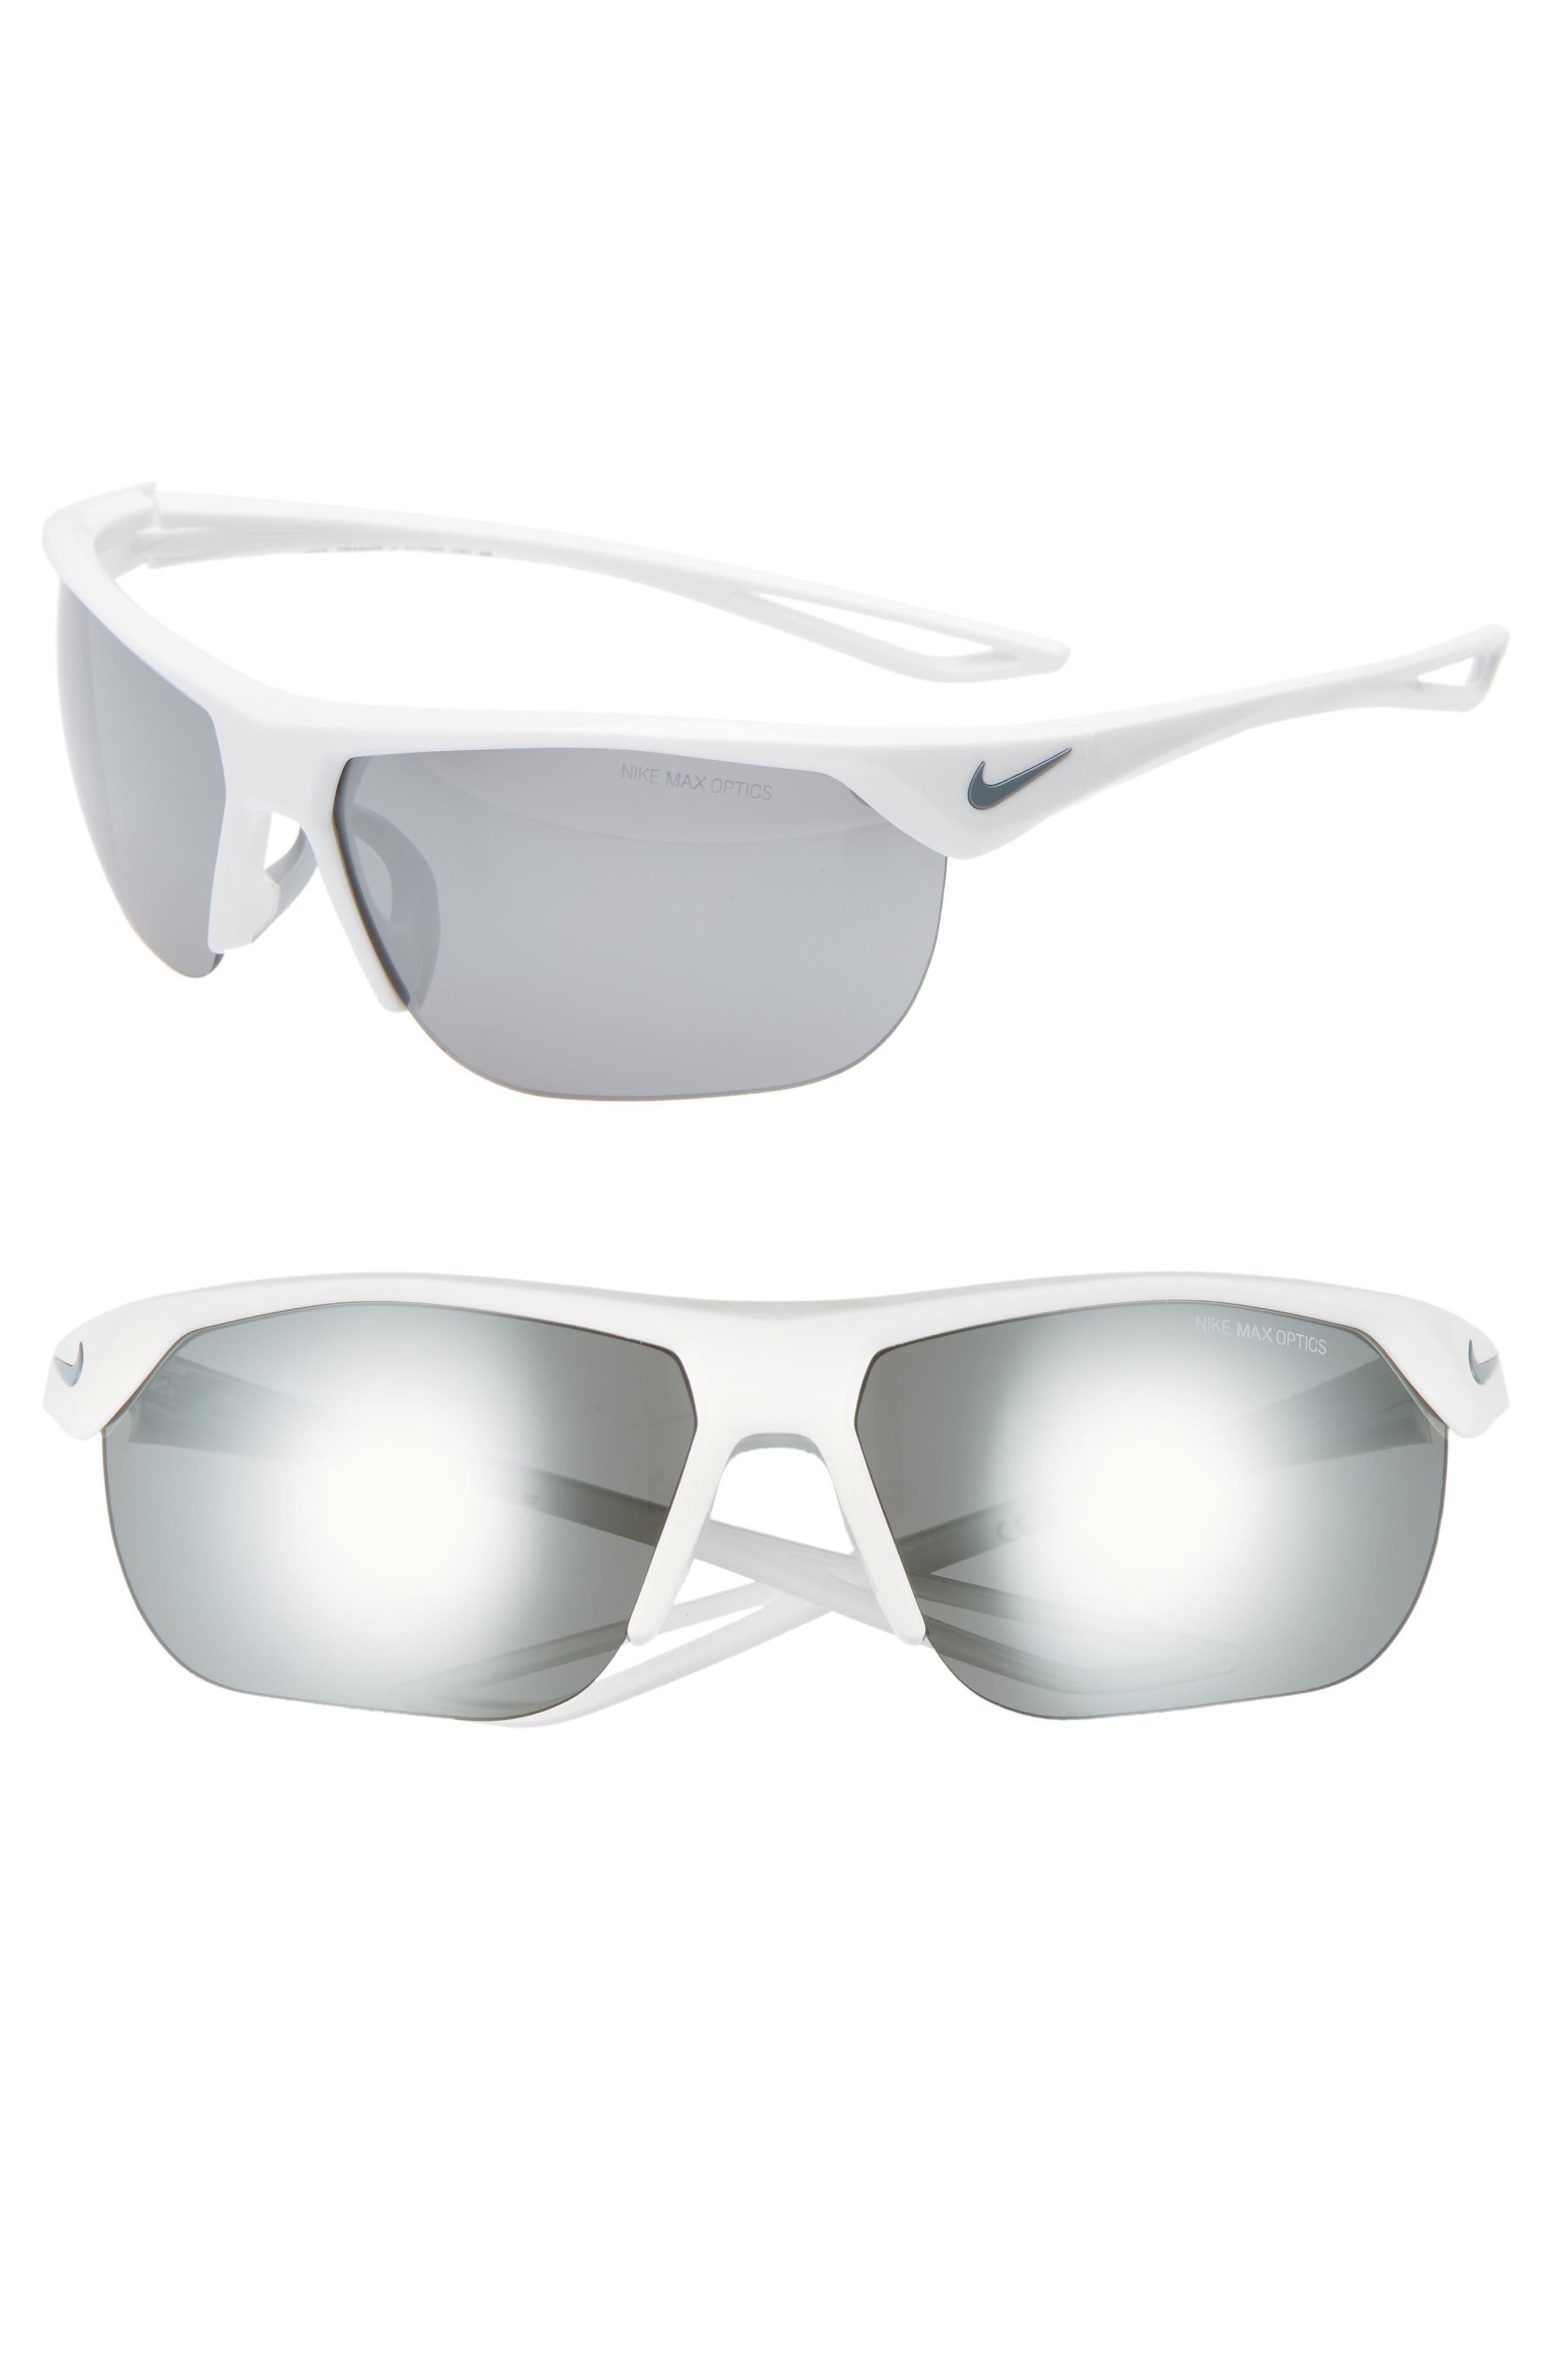 Nike Trainer 6m Mirrored Shield Sunglasses - White/ Grey